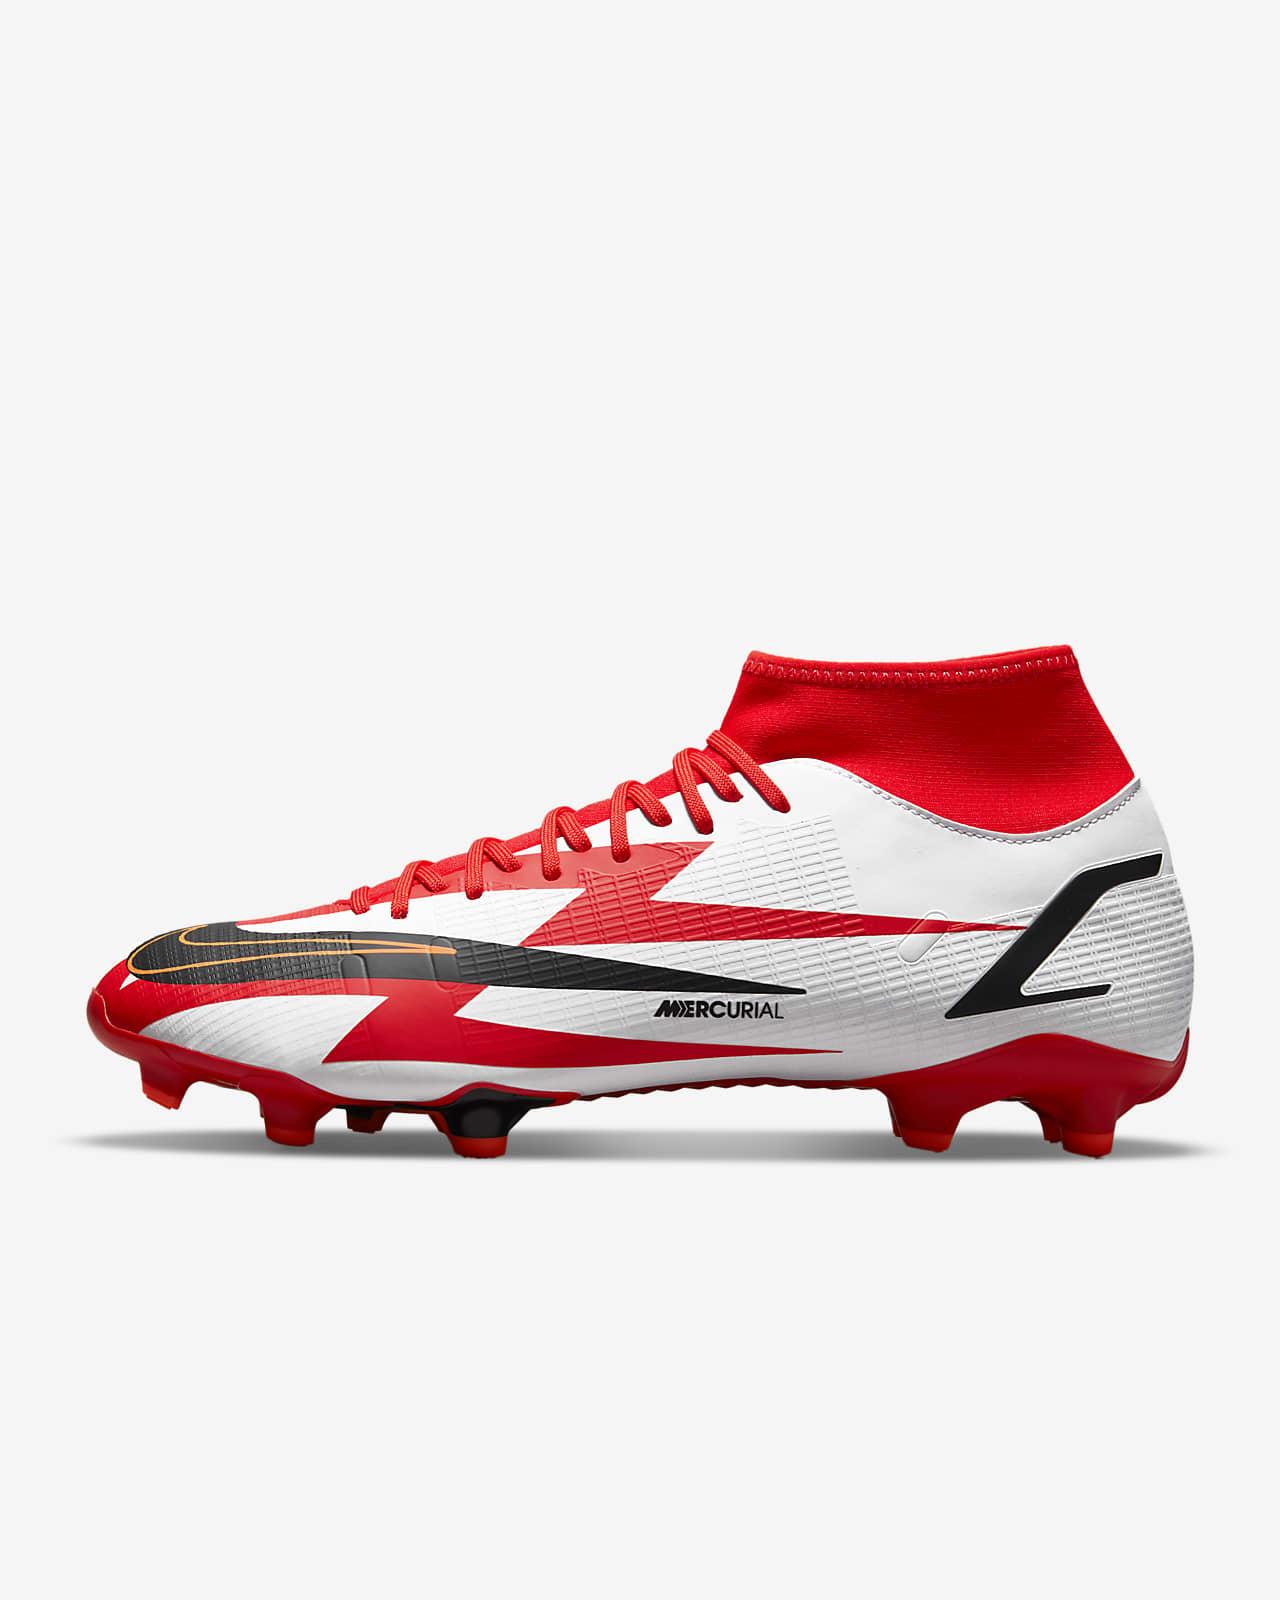 รองเท้าสตั๊ดฟุตบอลสำหรับพื้นหลายประเภท Nike Mercurial Superfly 8 Academy CR7 MG